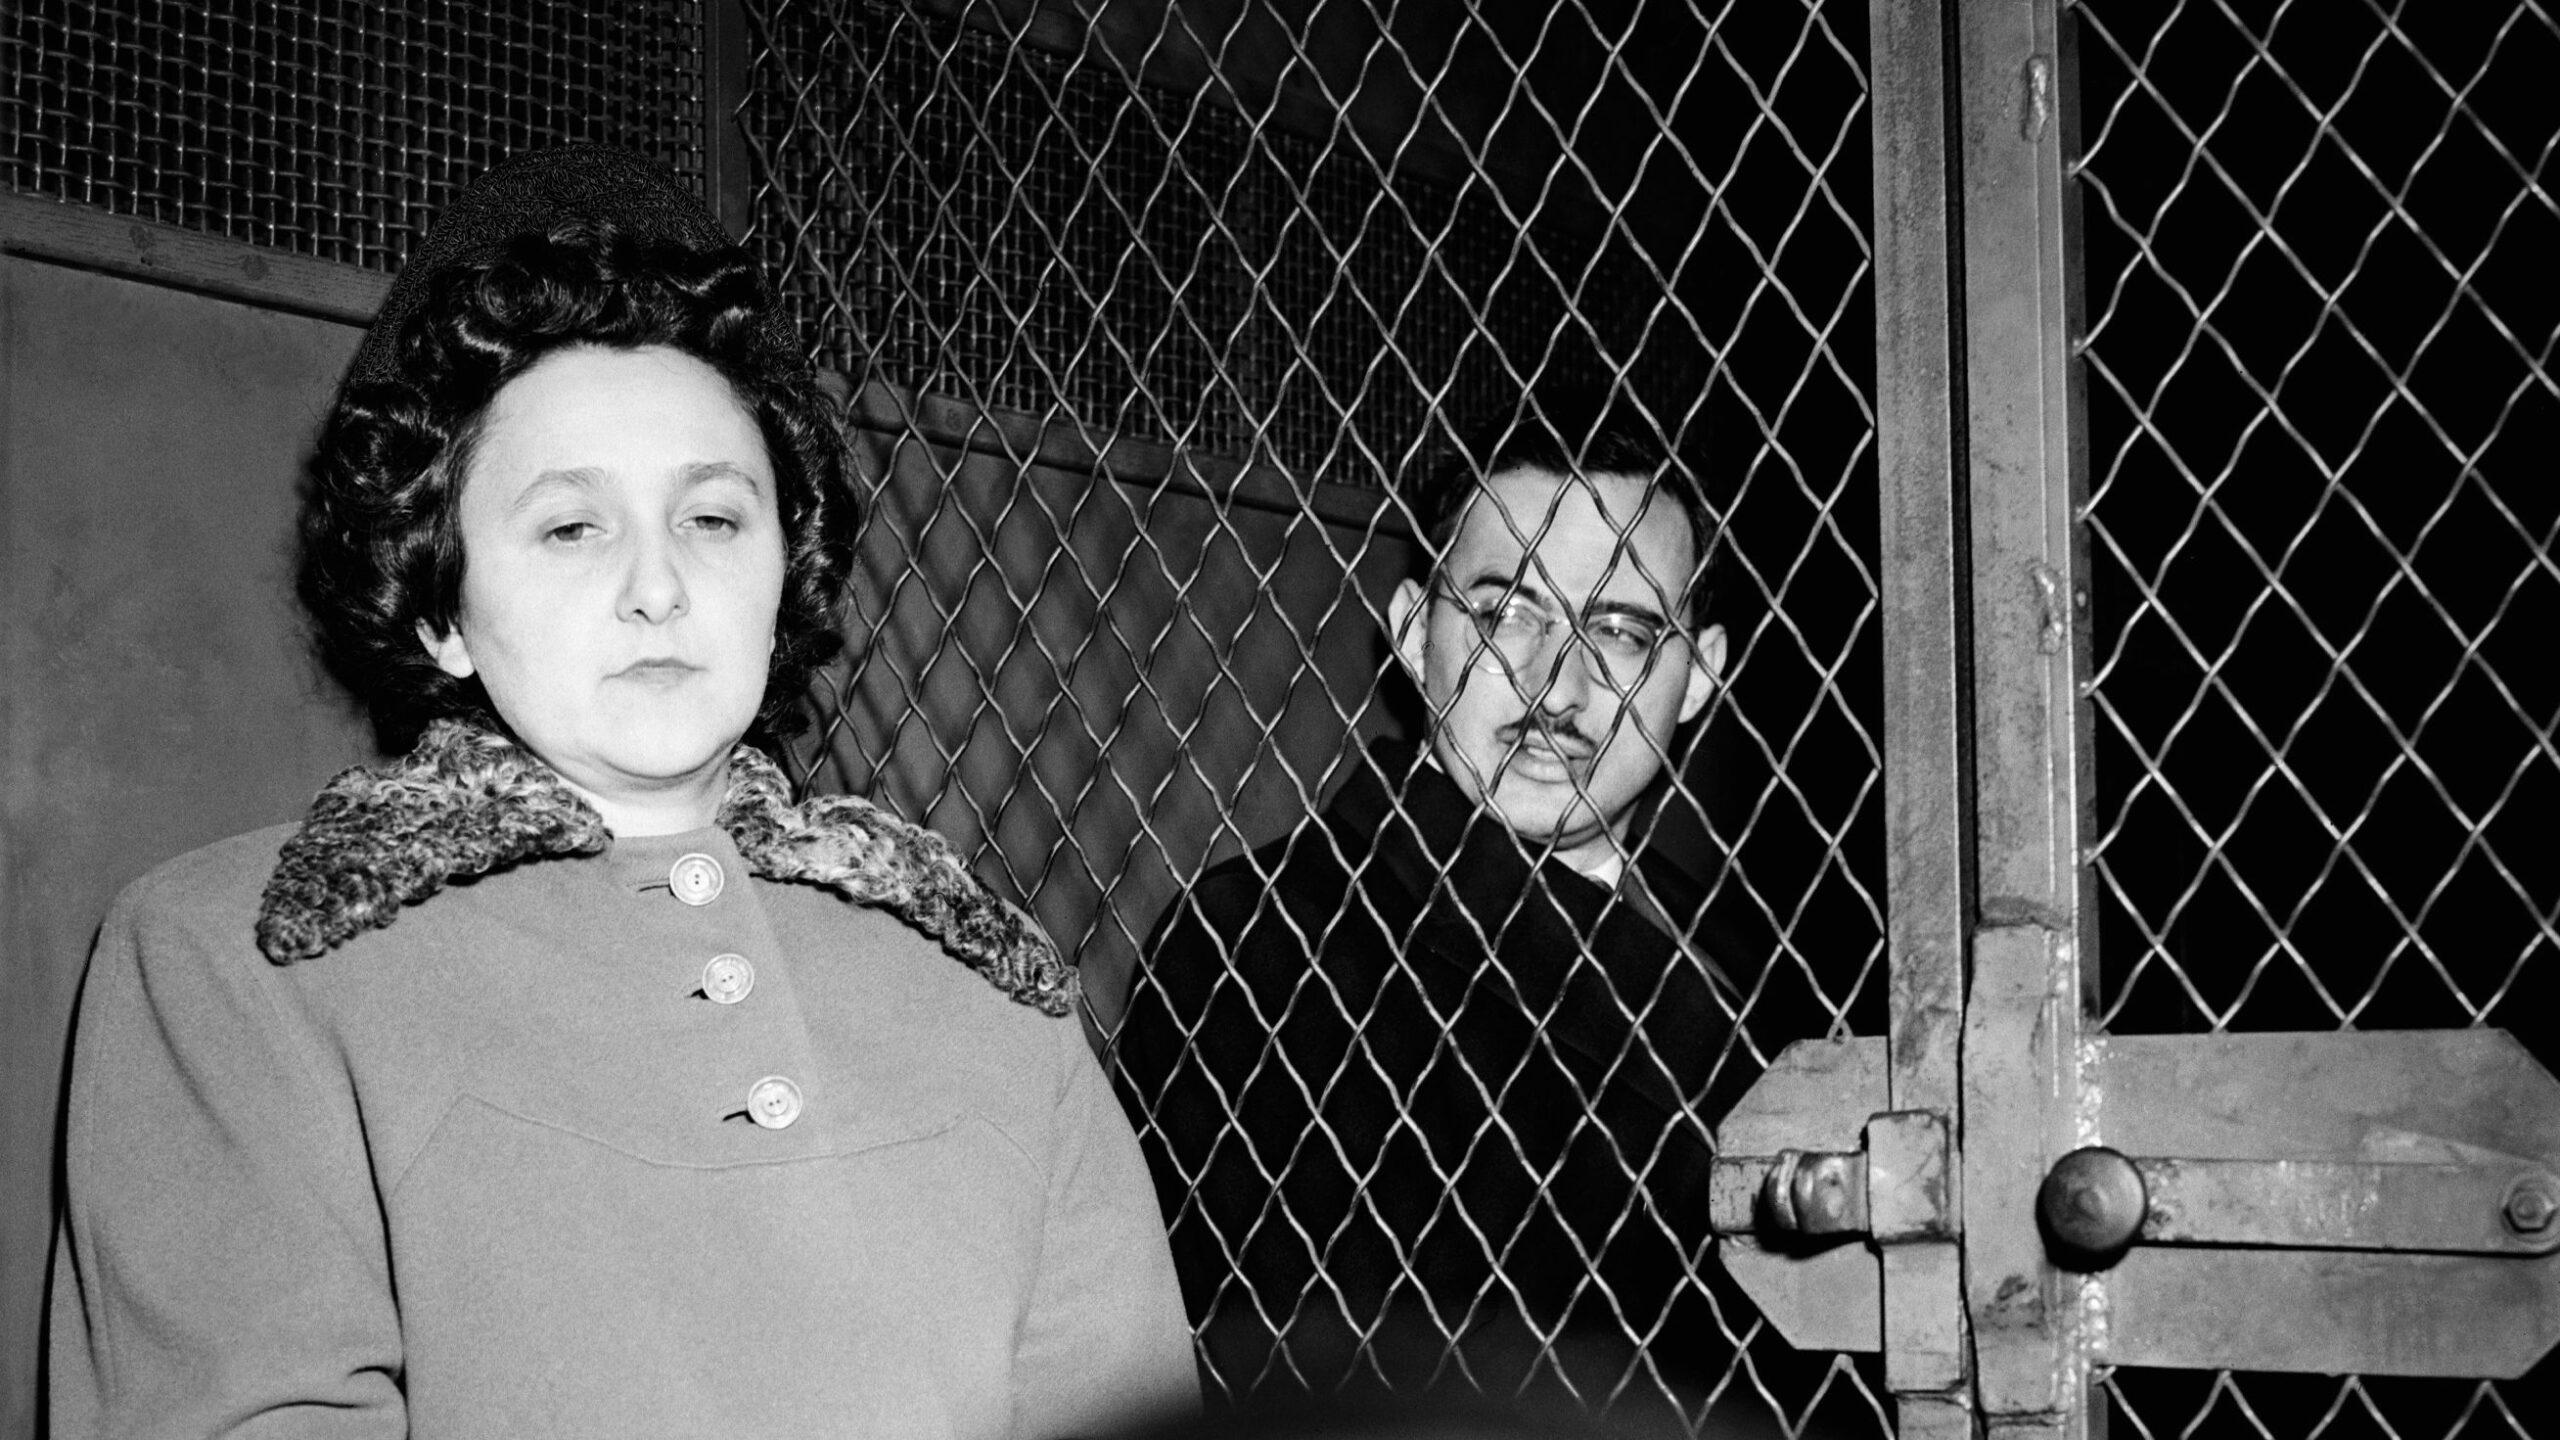 The Rosenberg Espionage Case